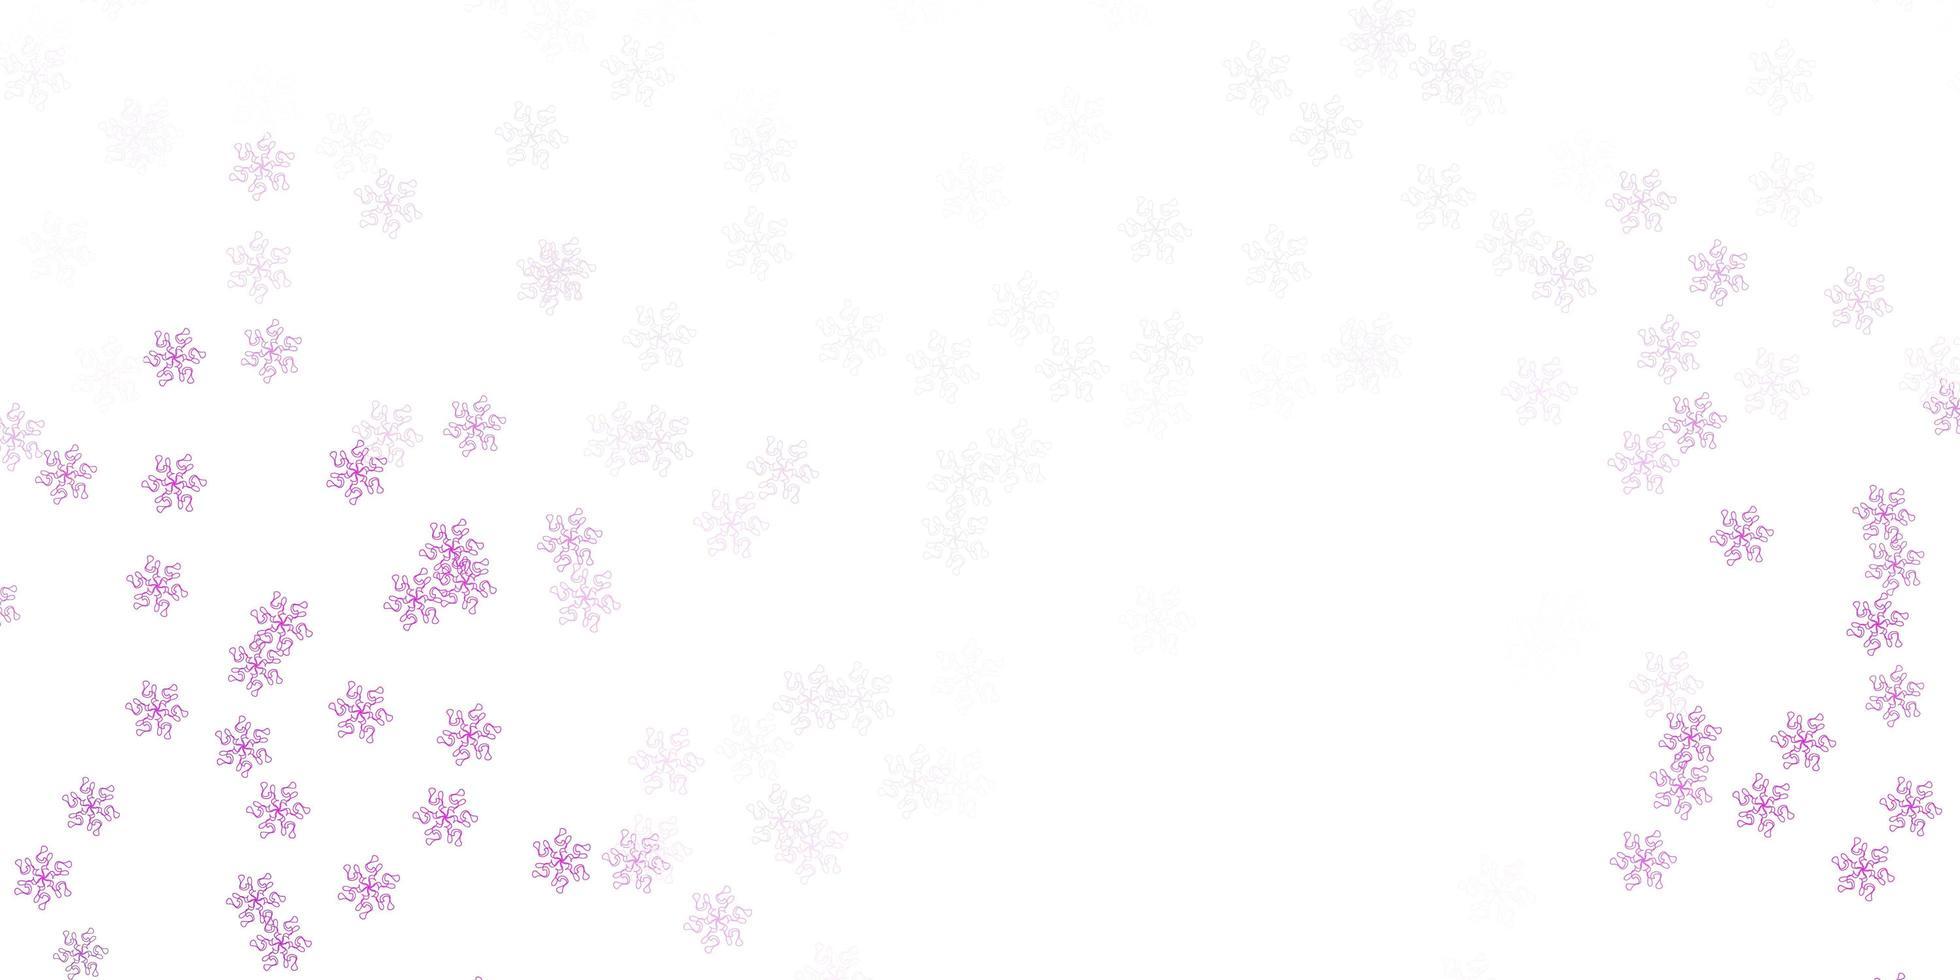 padrão de doodle de vetor rosa claro com flores.